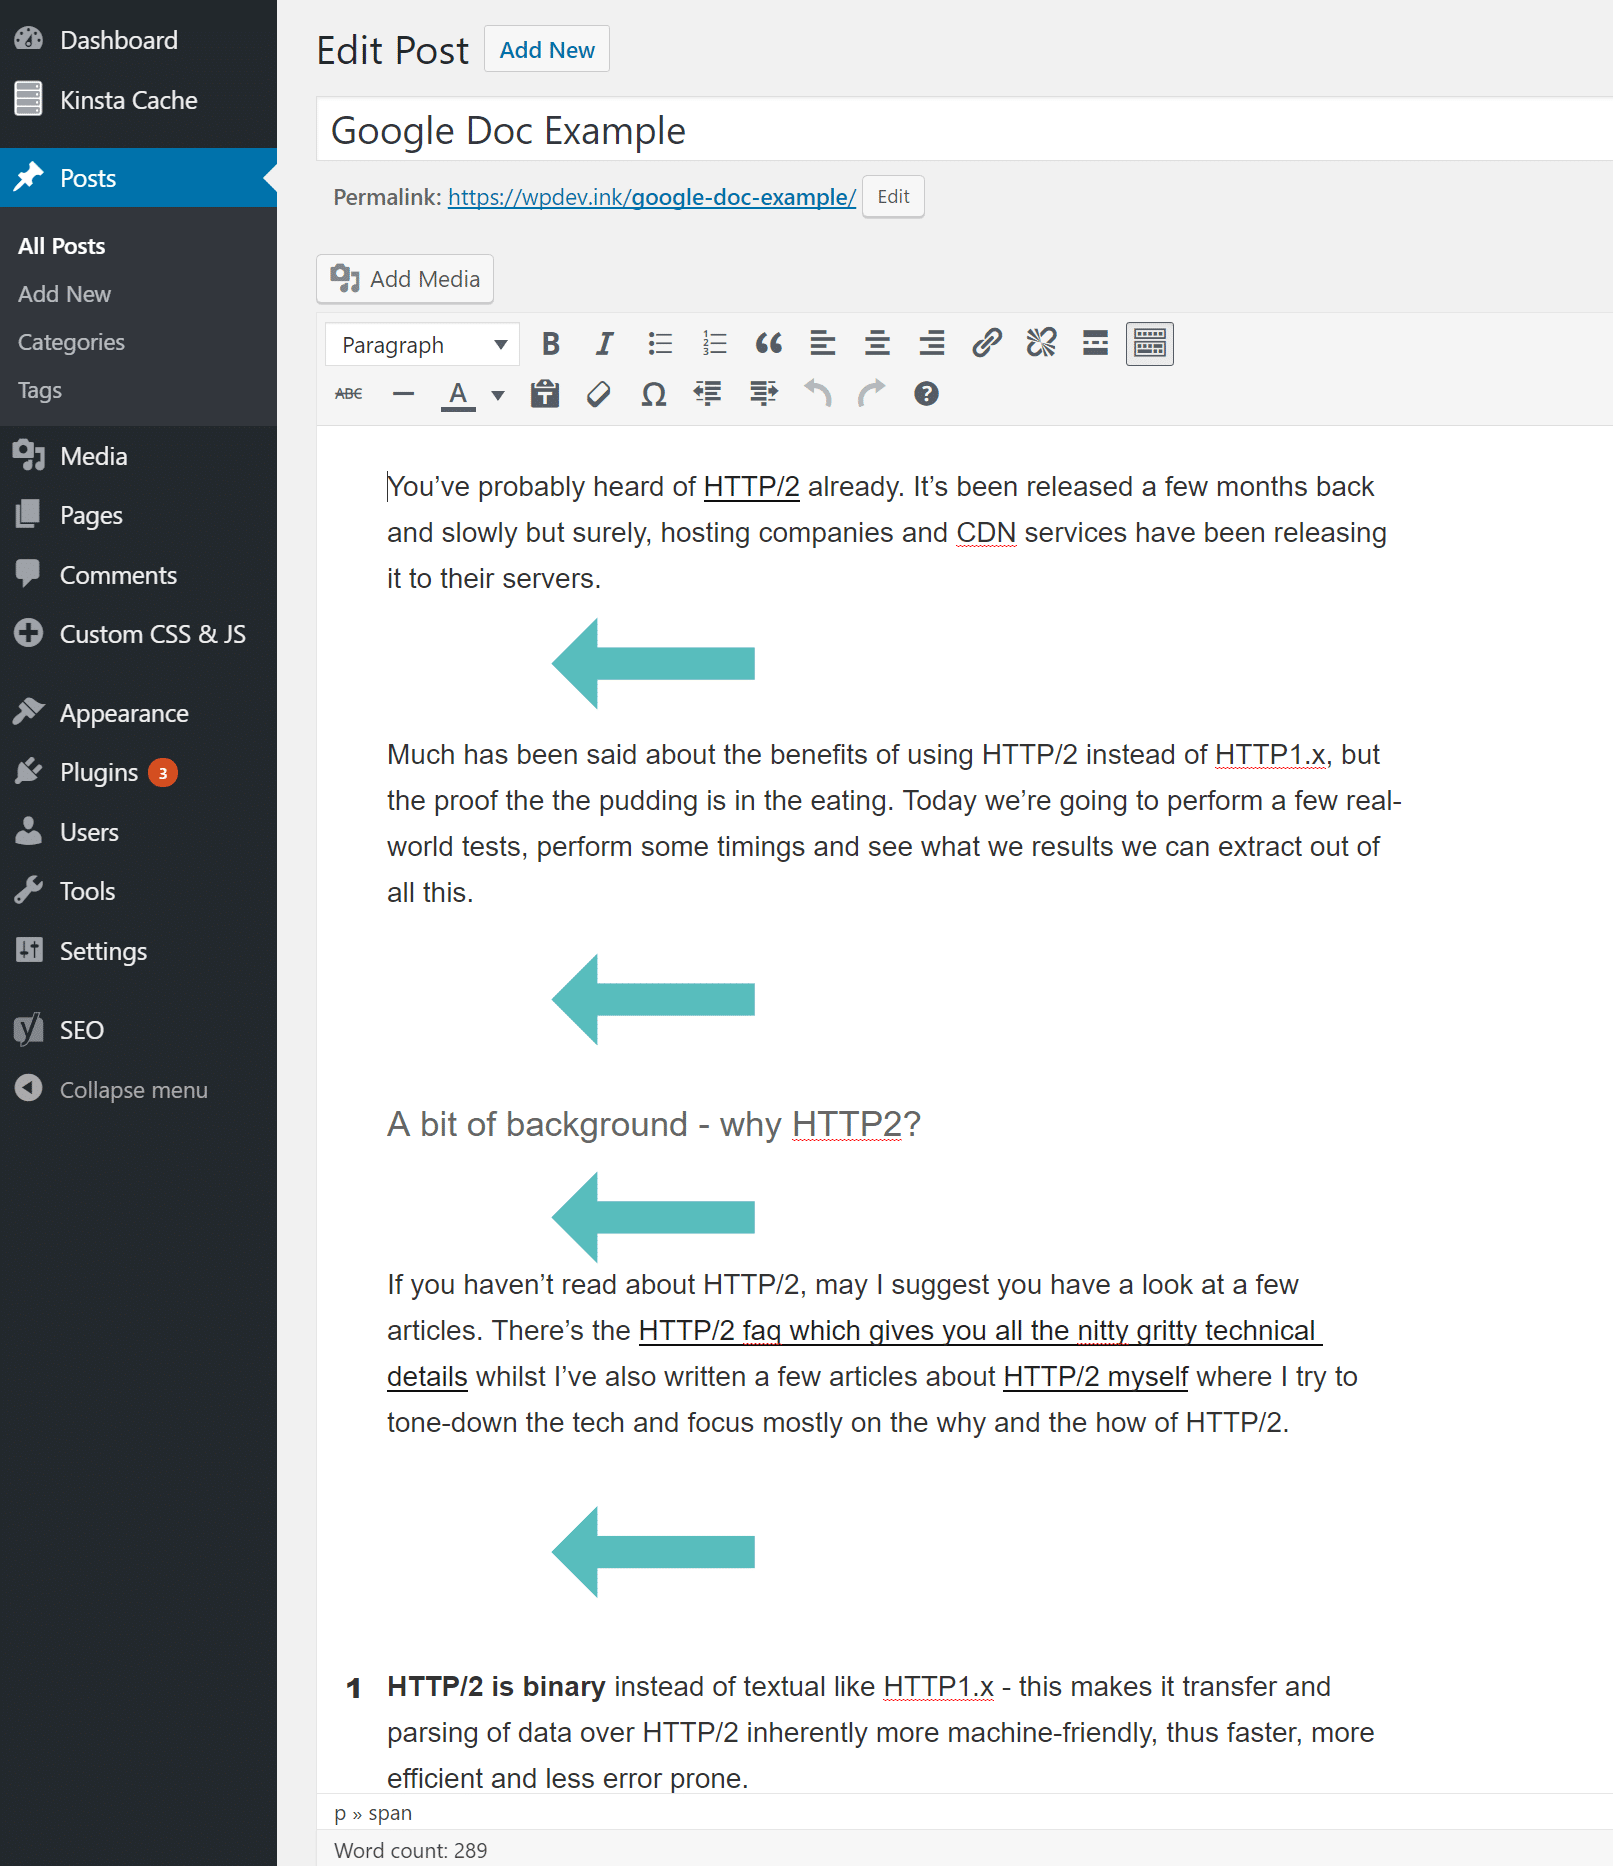 Problème d'espacement entre Google Docs et WordPress